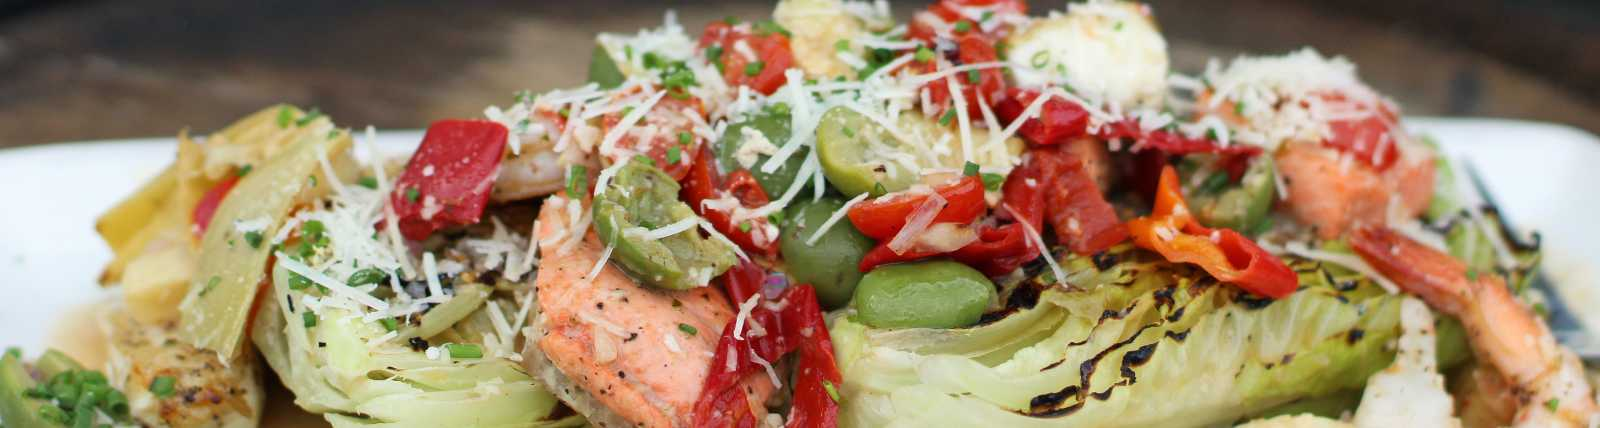 Warm Seafood Salad by Celeste Stubner